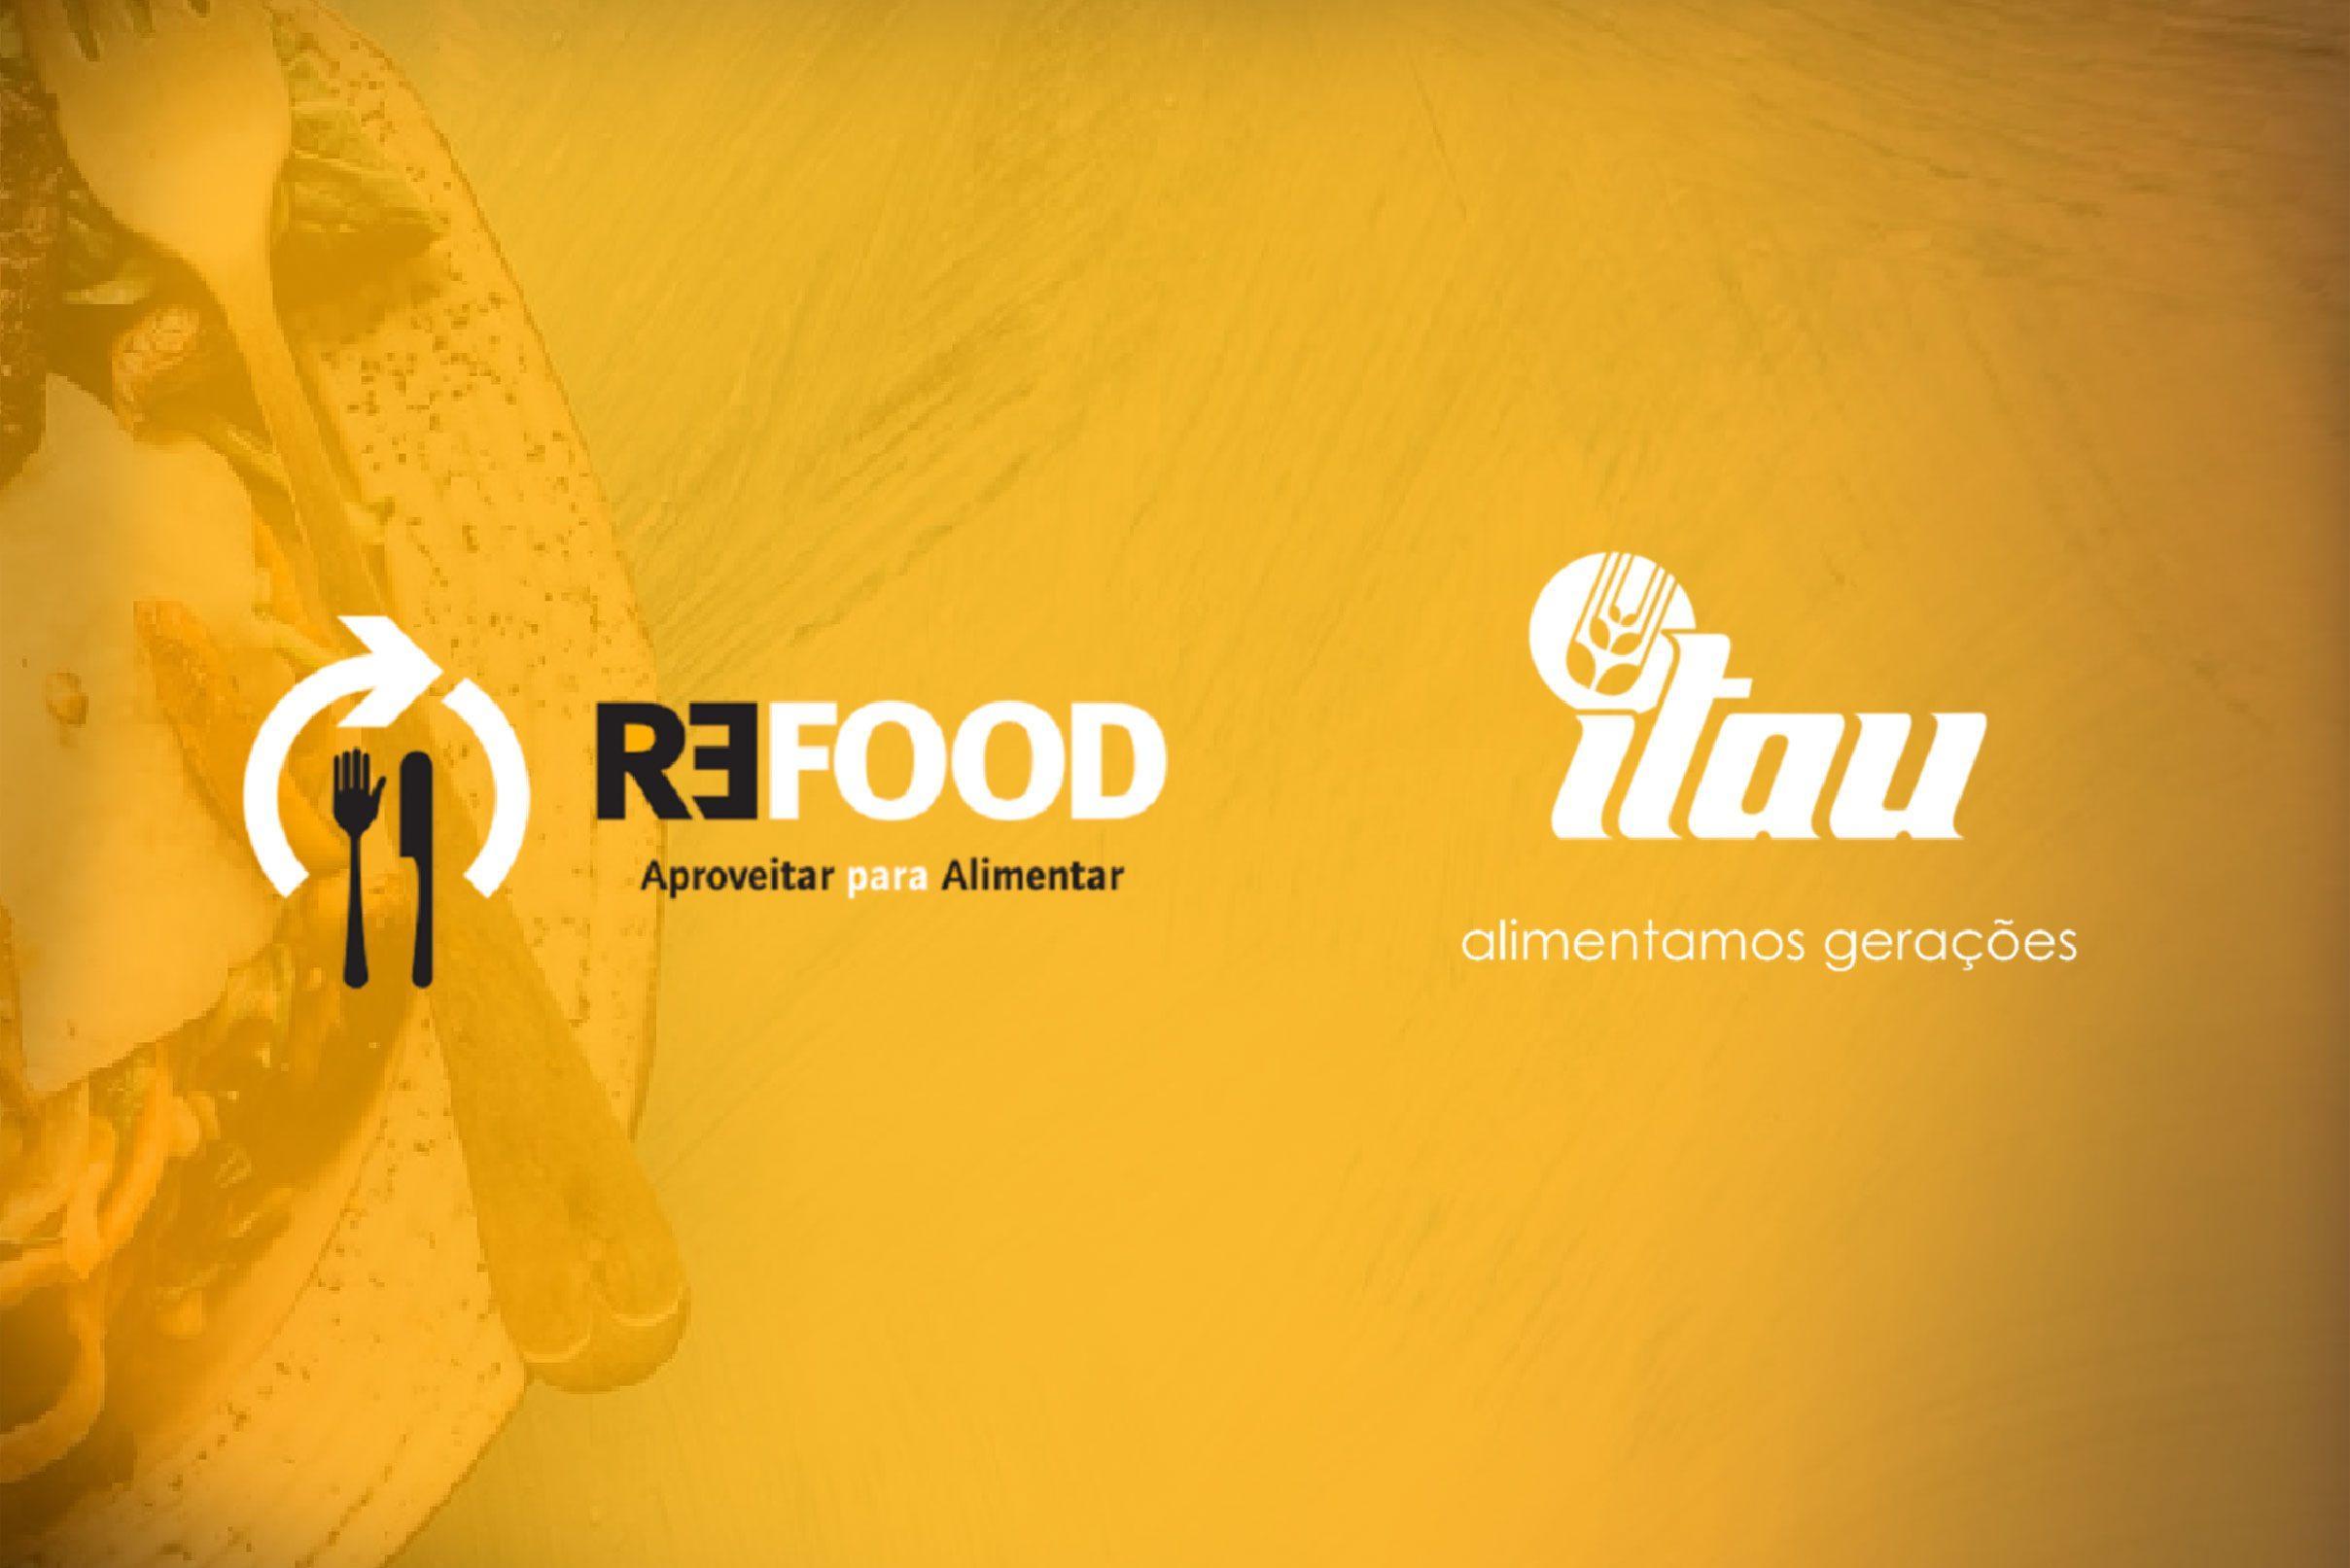 Parceria com a Refood